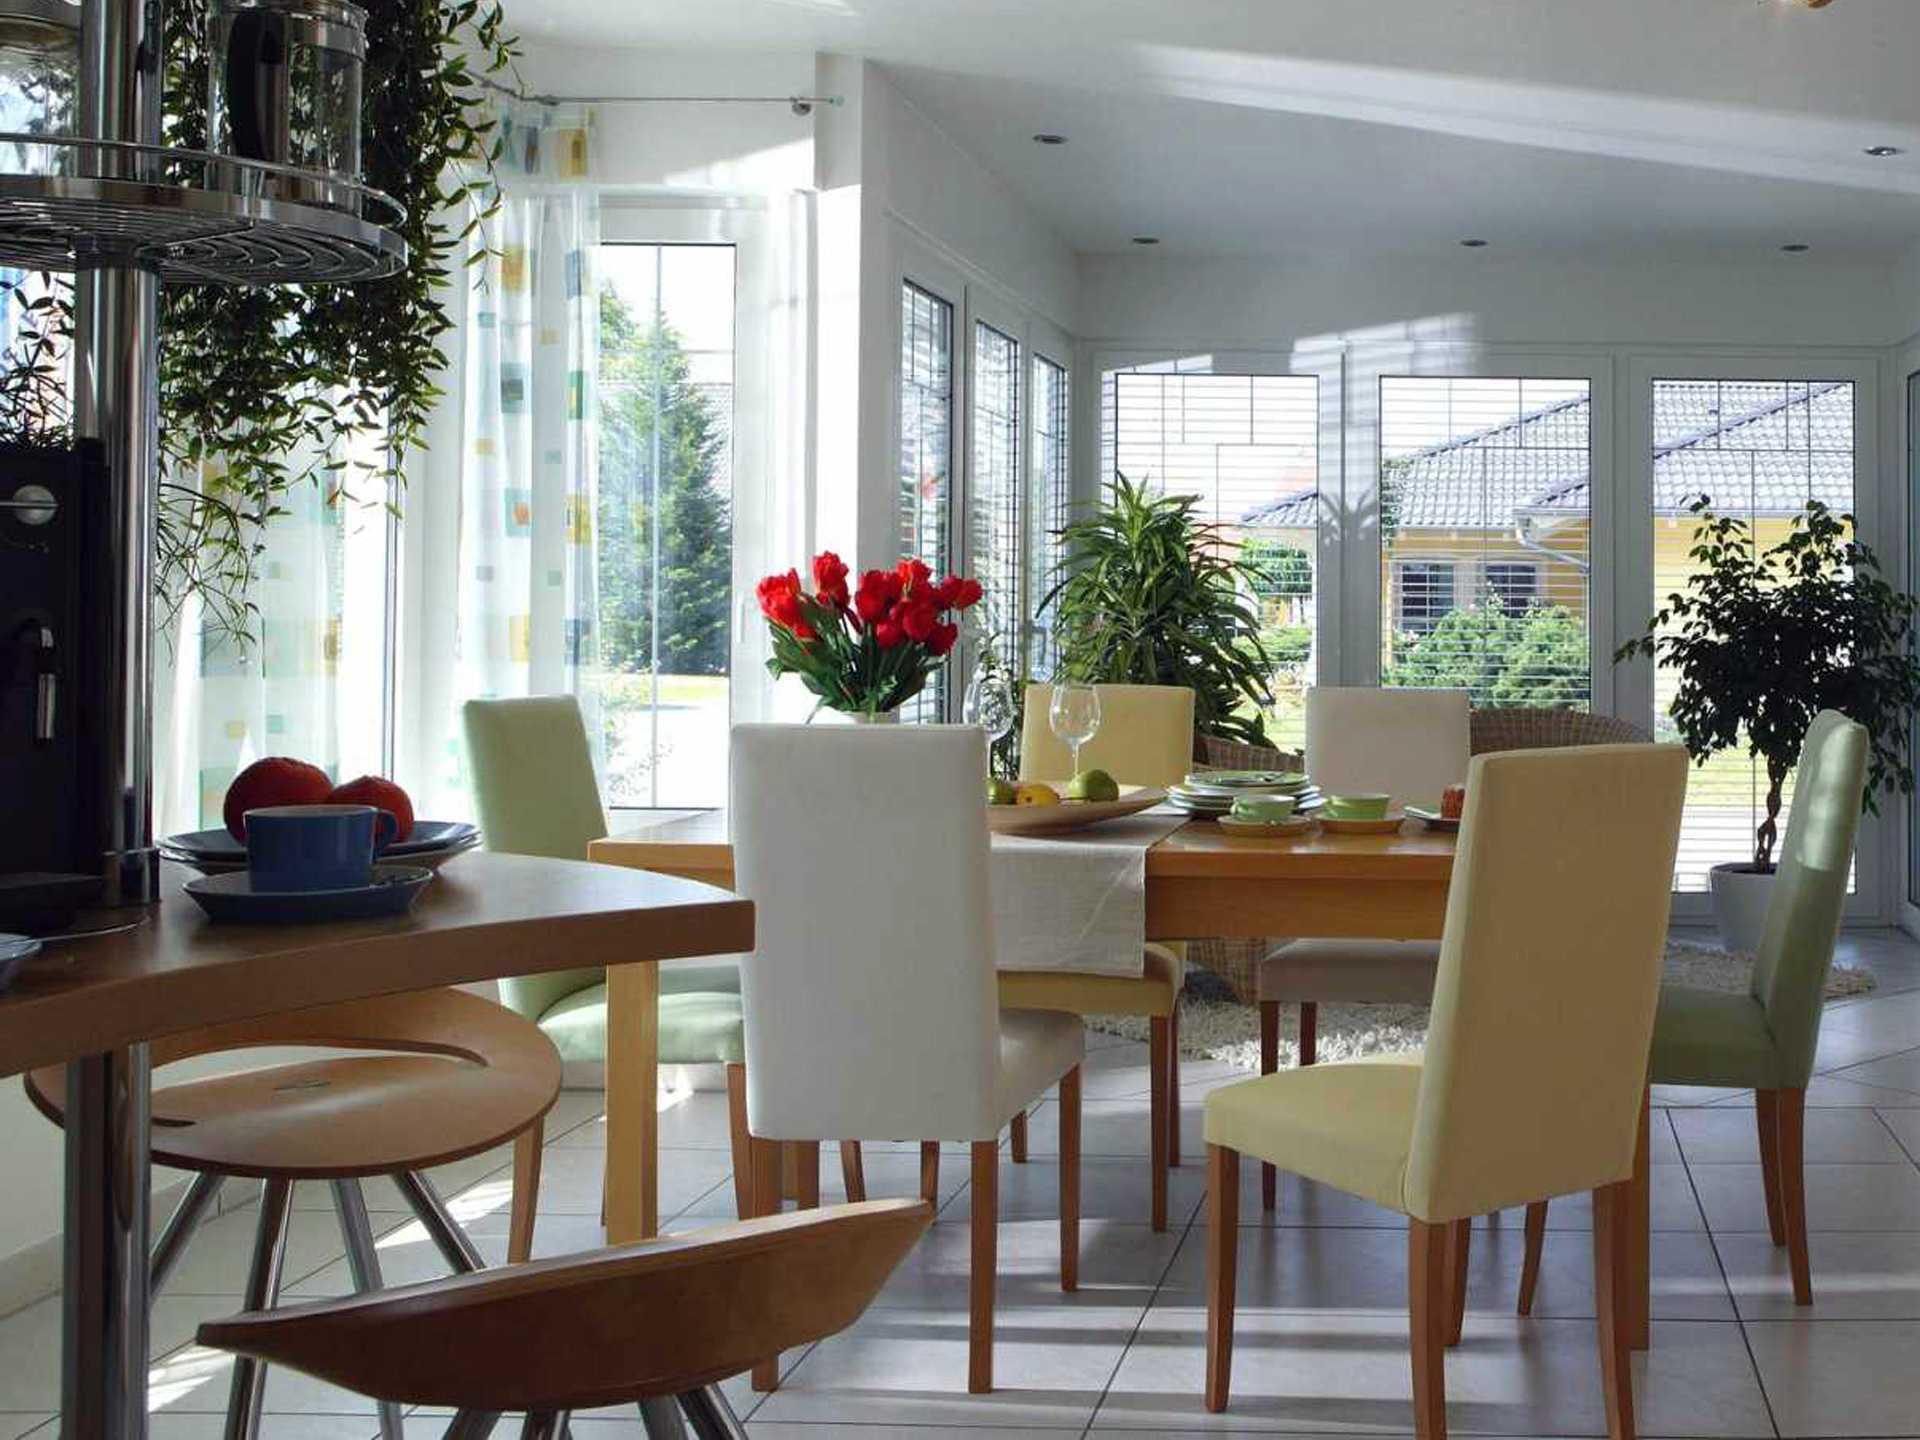 musterhaus mannheim fertighaus weiss. Black Bedroom Furniture Sets. Home Design Ideas